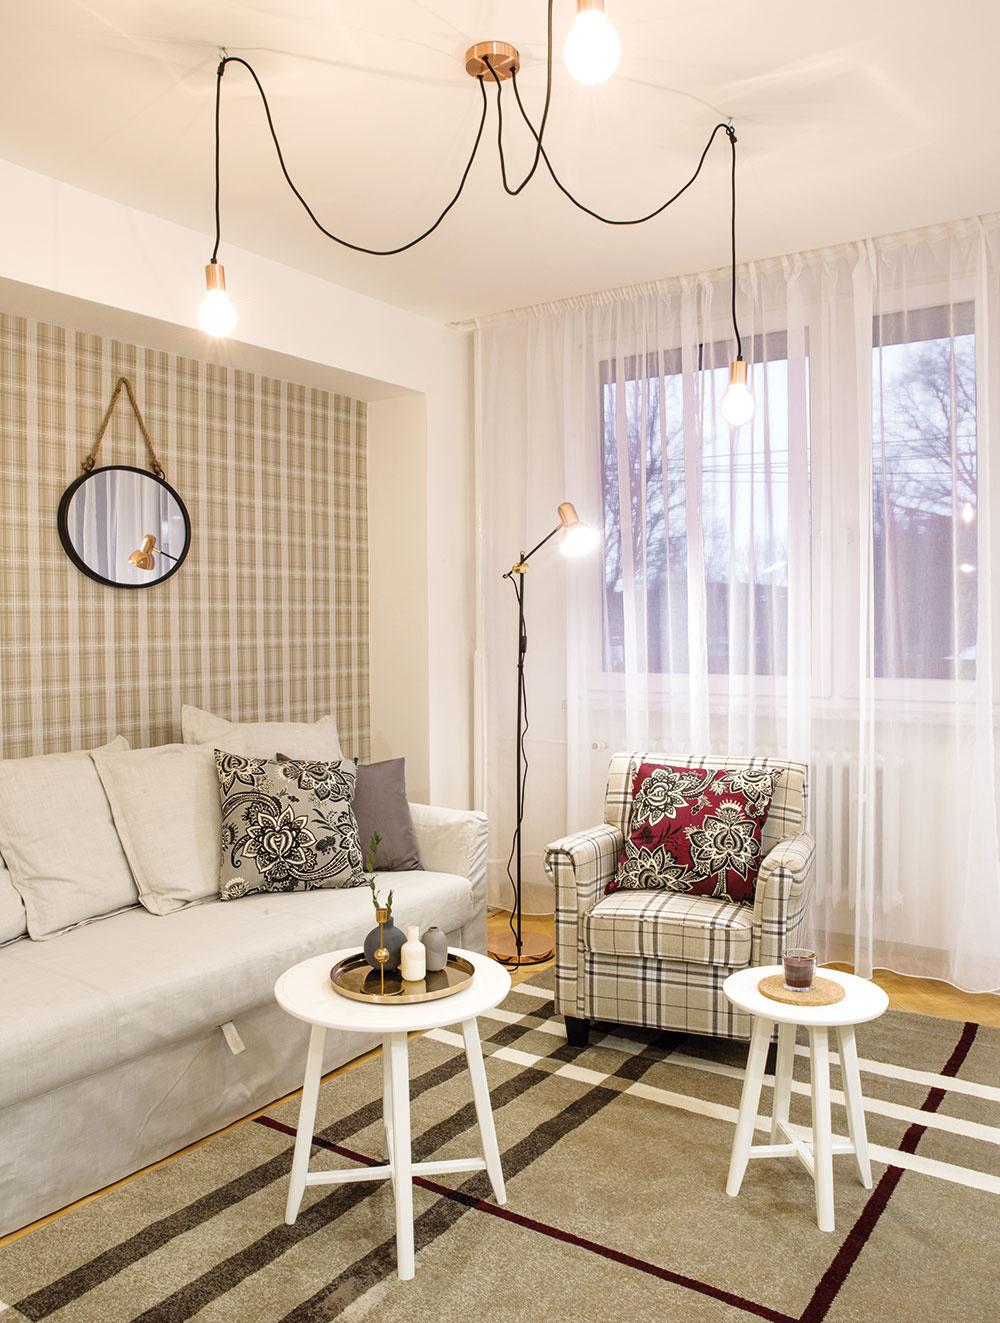 """Kockované """"retro"""" na tapetách, koberci aotomane spolu sjednoduchým severským dizajnom ostatných kusov nábytku vytvára útulné domácke zátišie. Tento neutrálny dekór umožňuje súžitie soriginálnymi fantazijnými kresbami."""